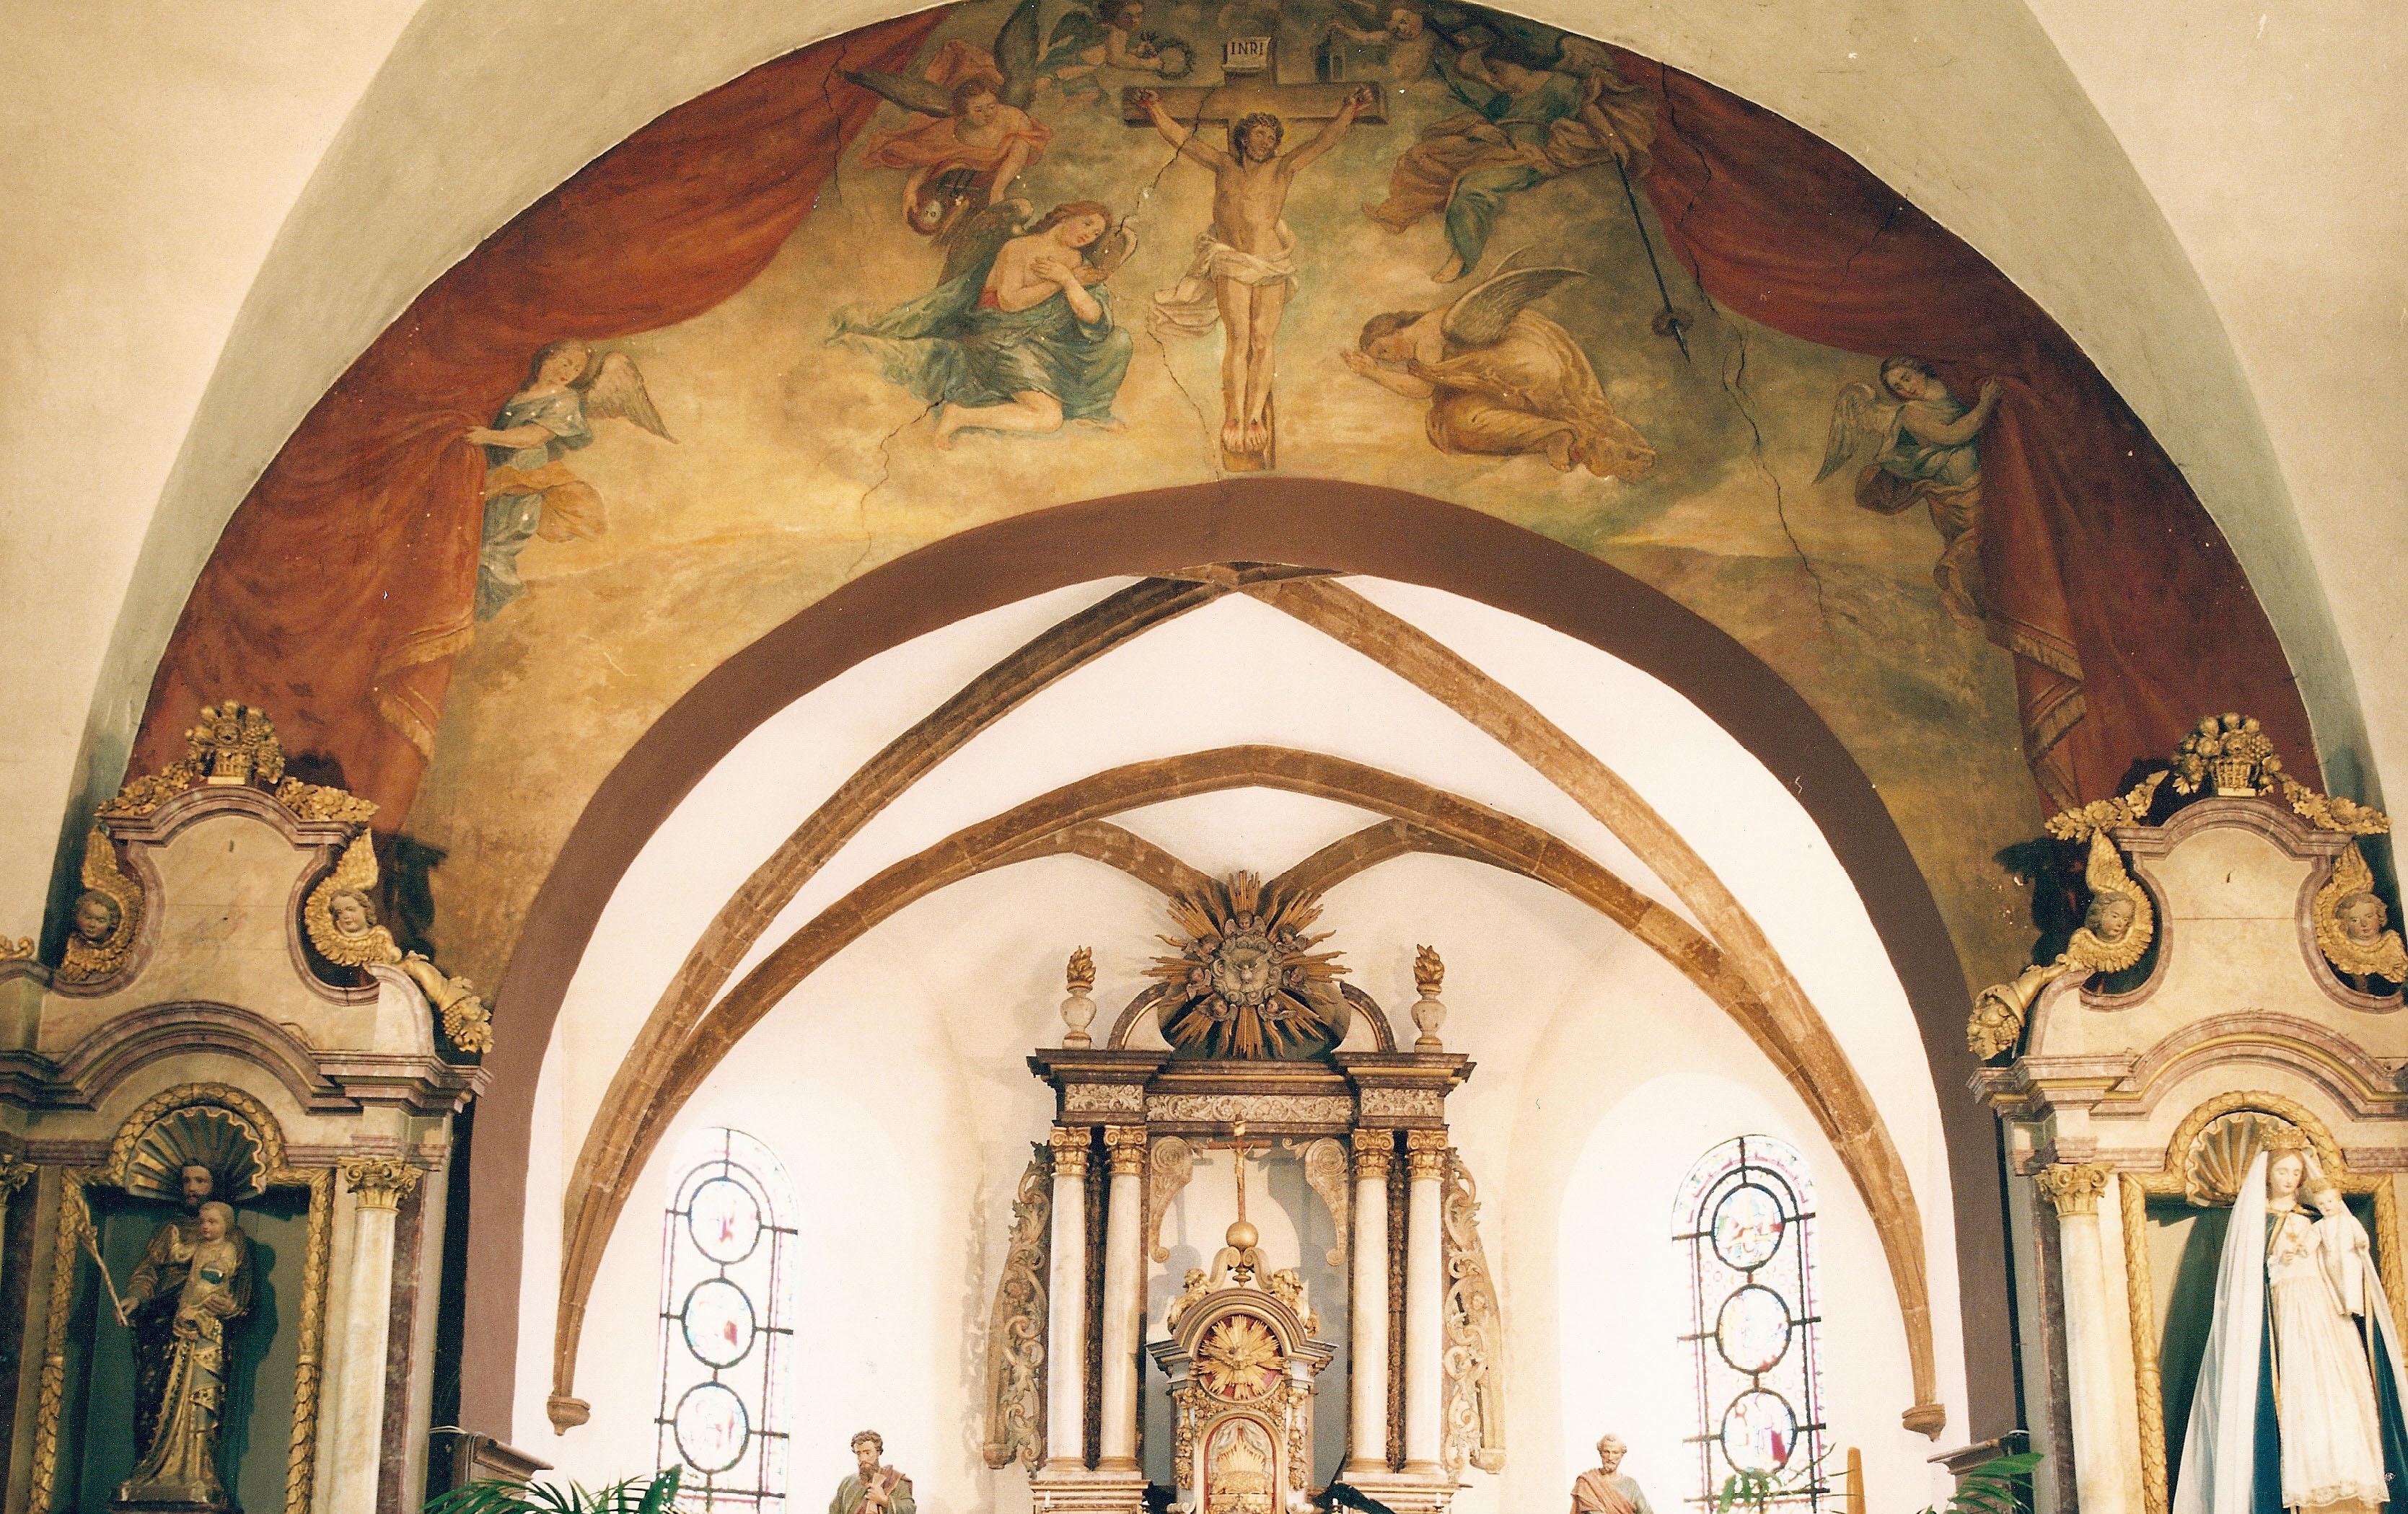 Crucifixion en gloire - Peinture sur l'arc du choeur - Eglise Saint-Pierre à Izel